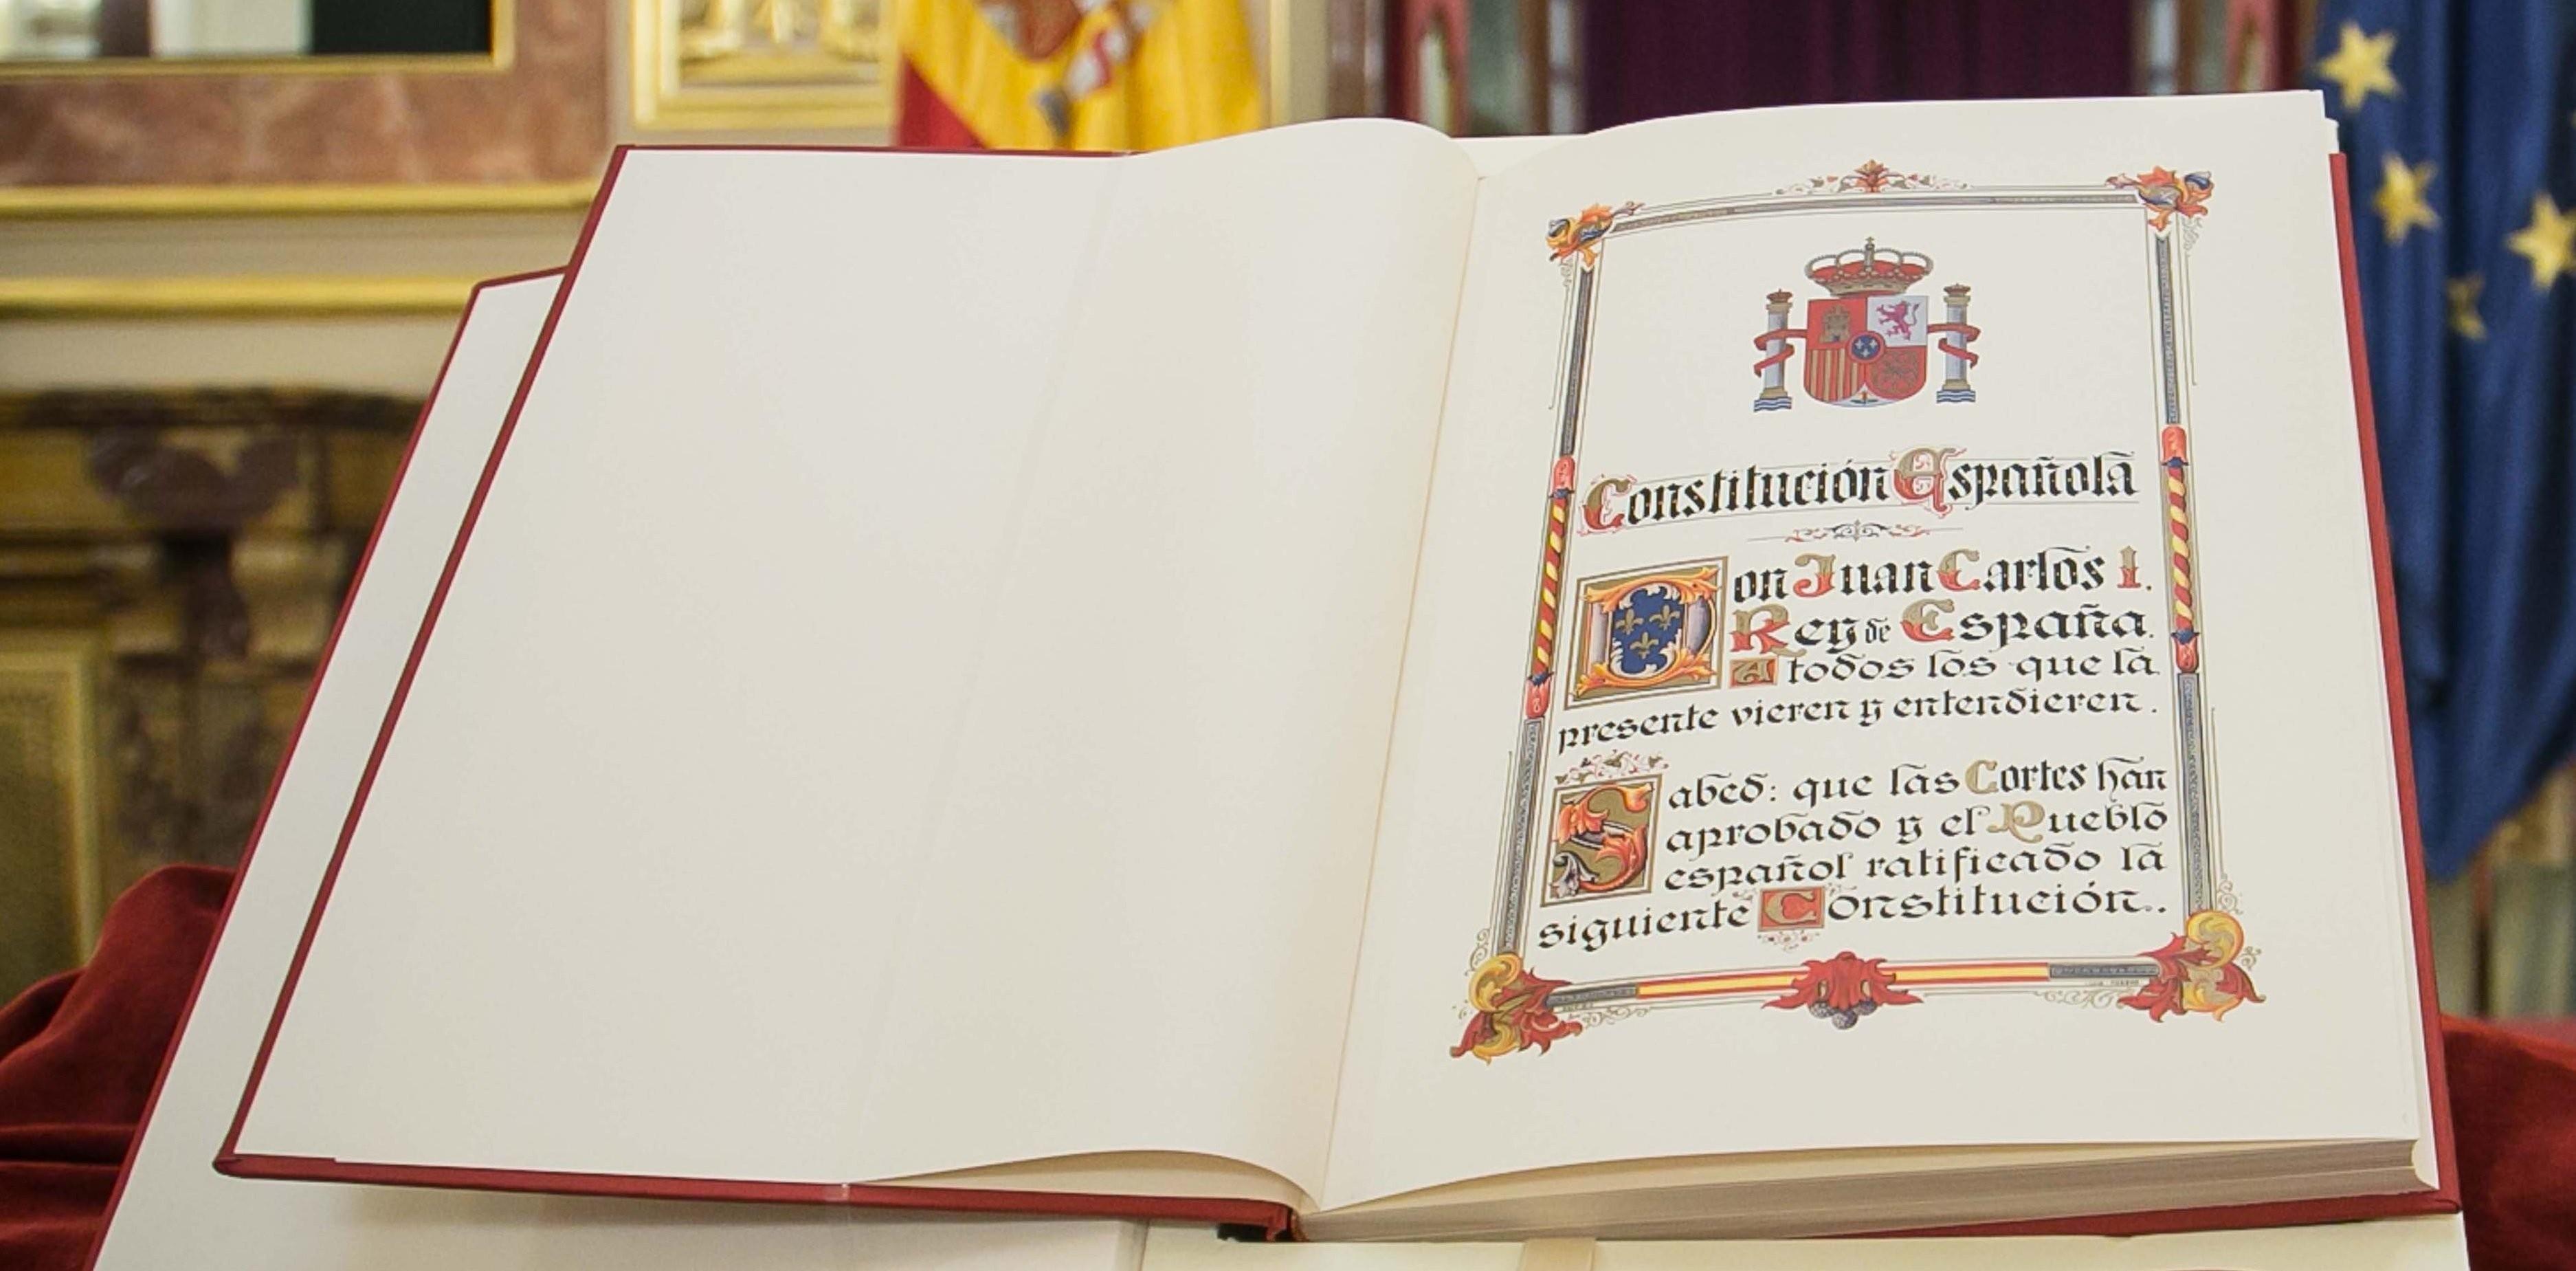 Resultado de imagen de constitucion española